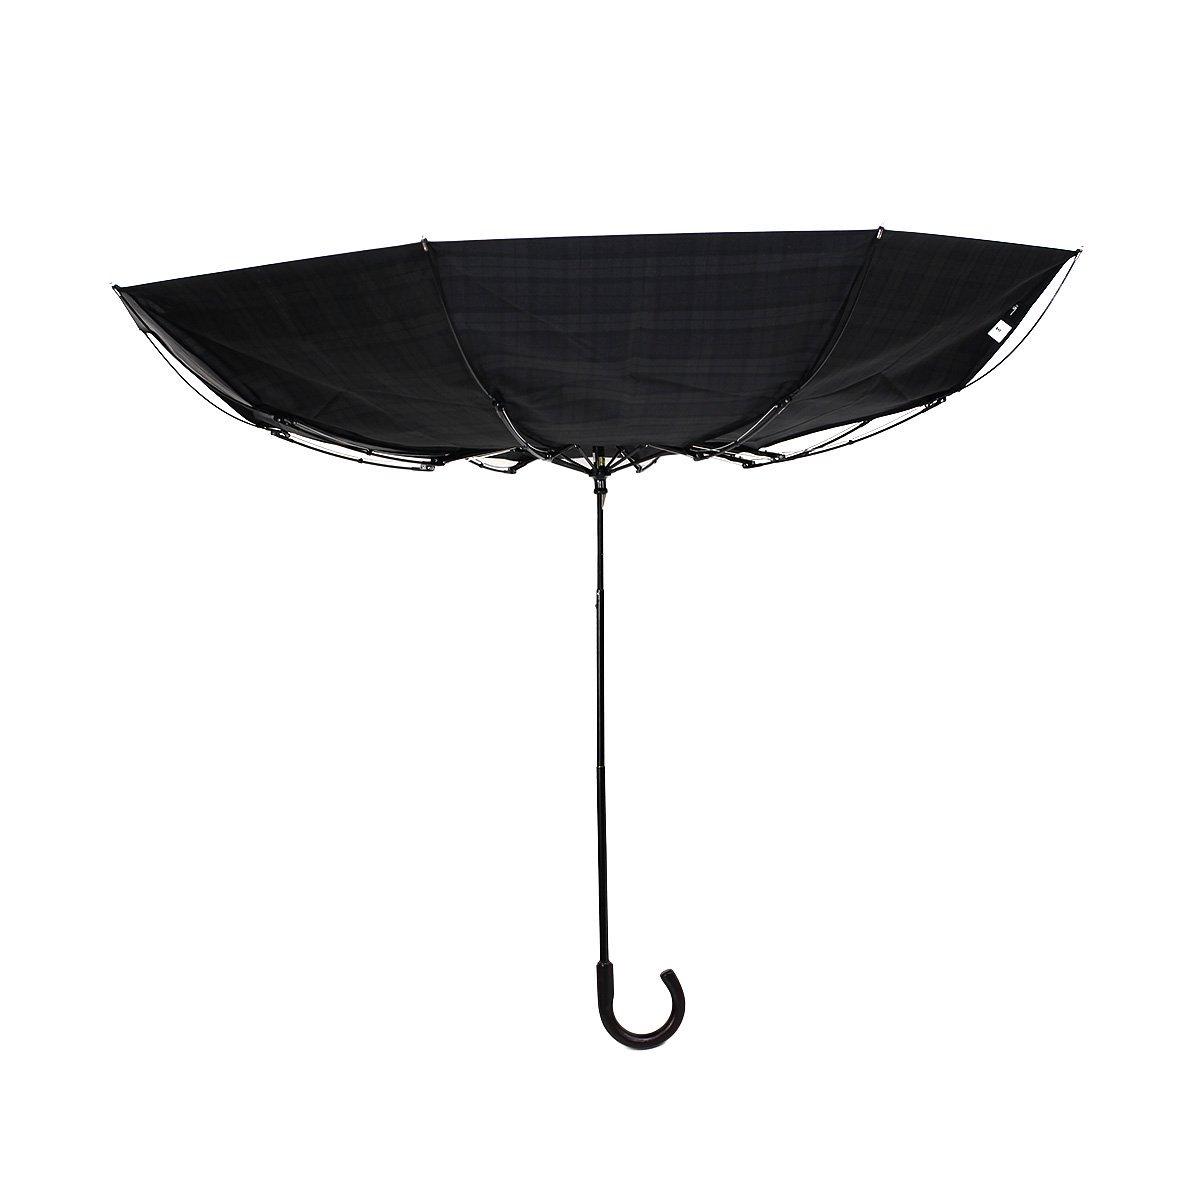 【限定】ラガー ボーダー 耐風骨 折りたたみ傘 詳細画像11